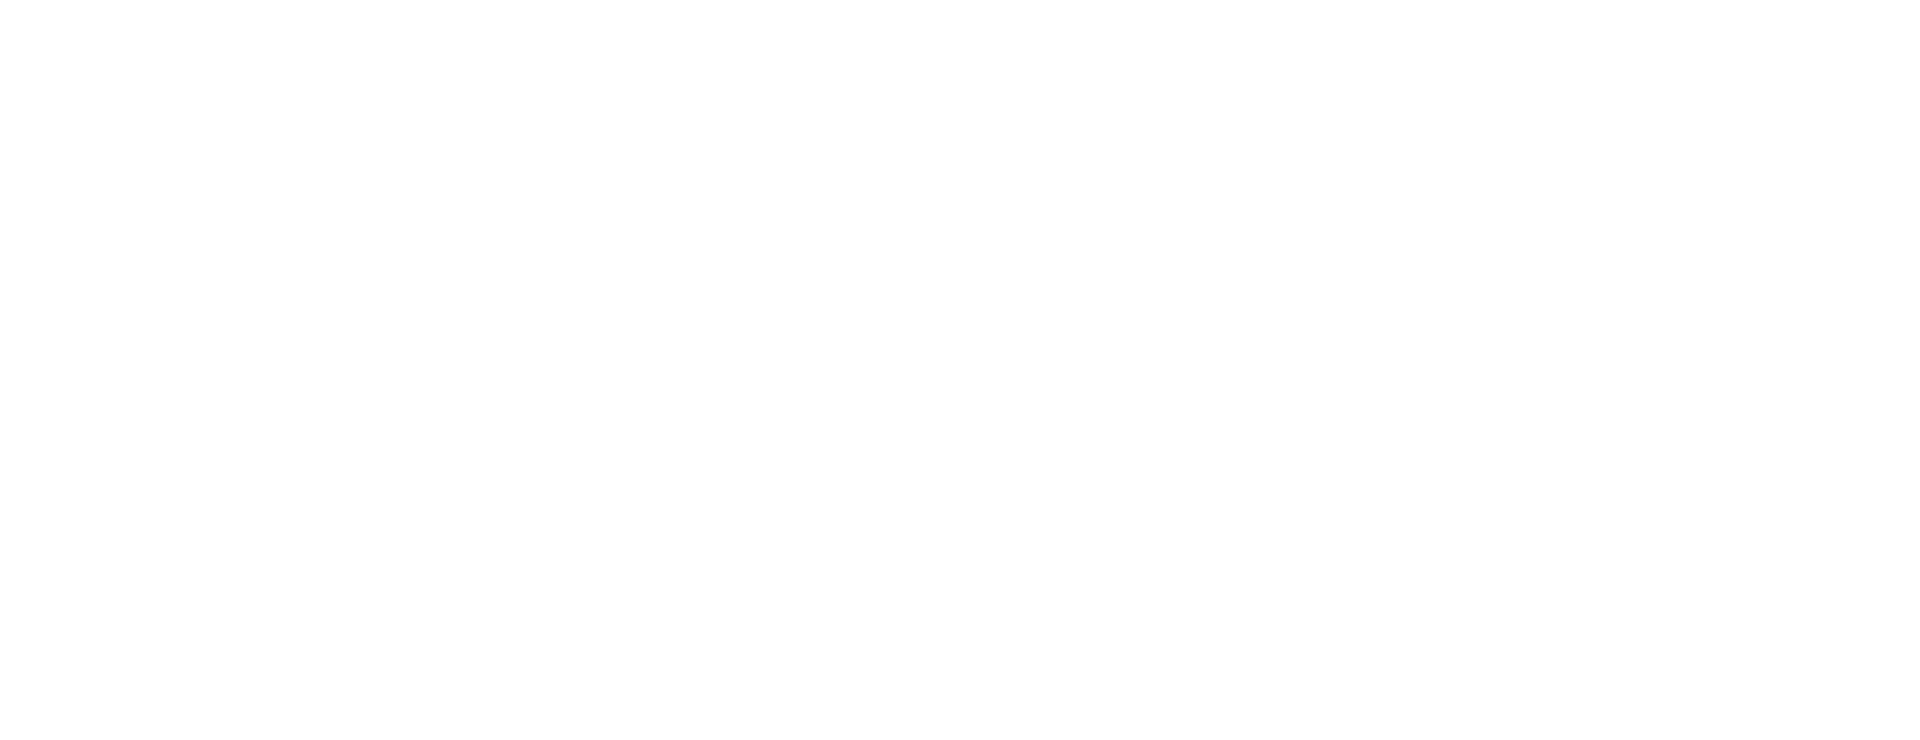 透明轮播图1